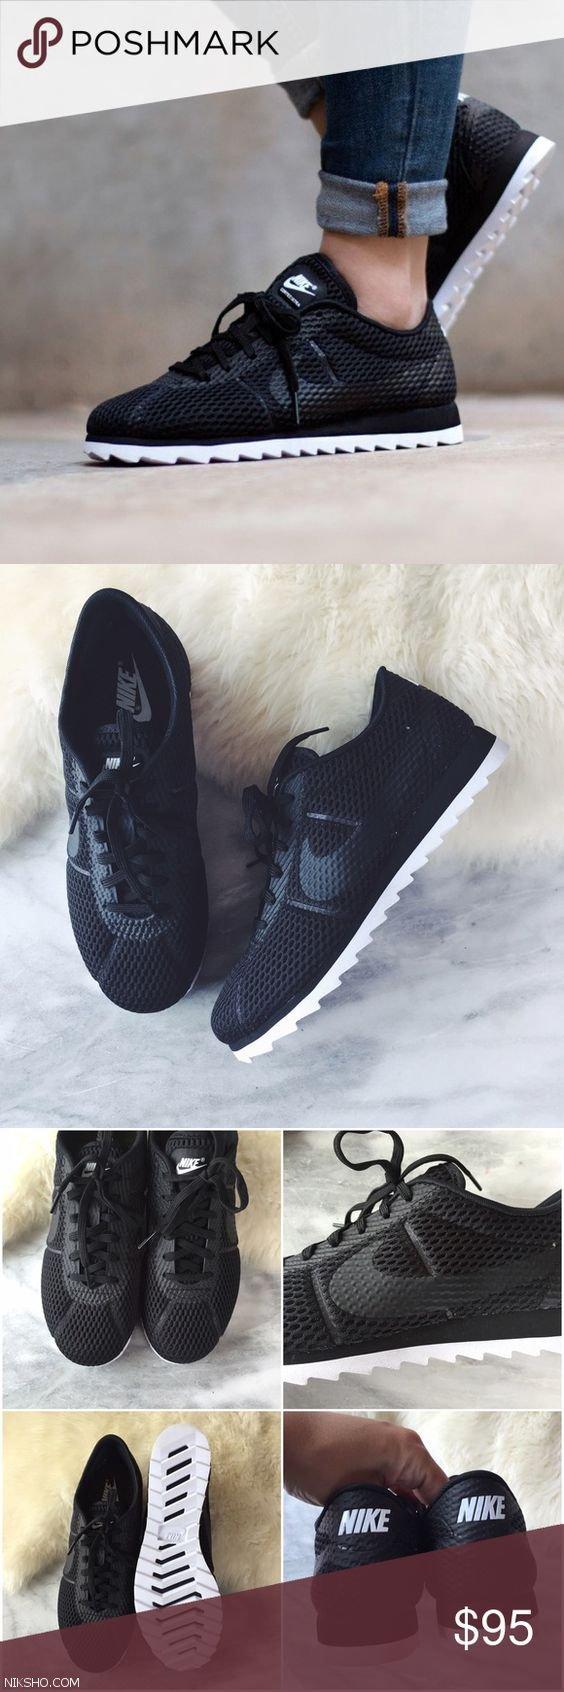 مدل های جدید کفش اسپرت ورزشی مردانه 2019